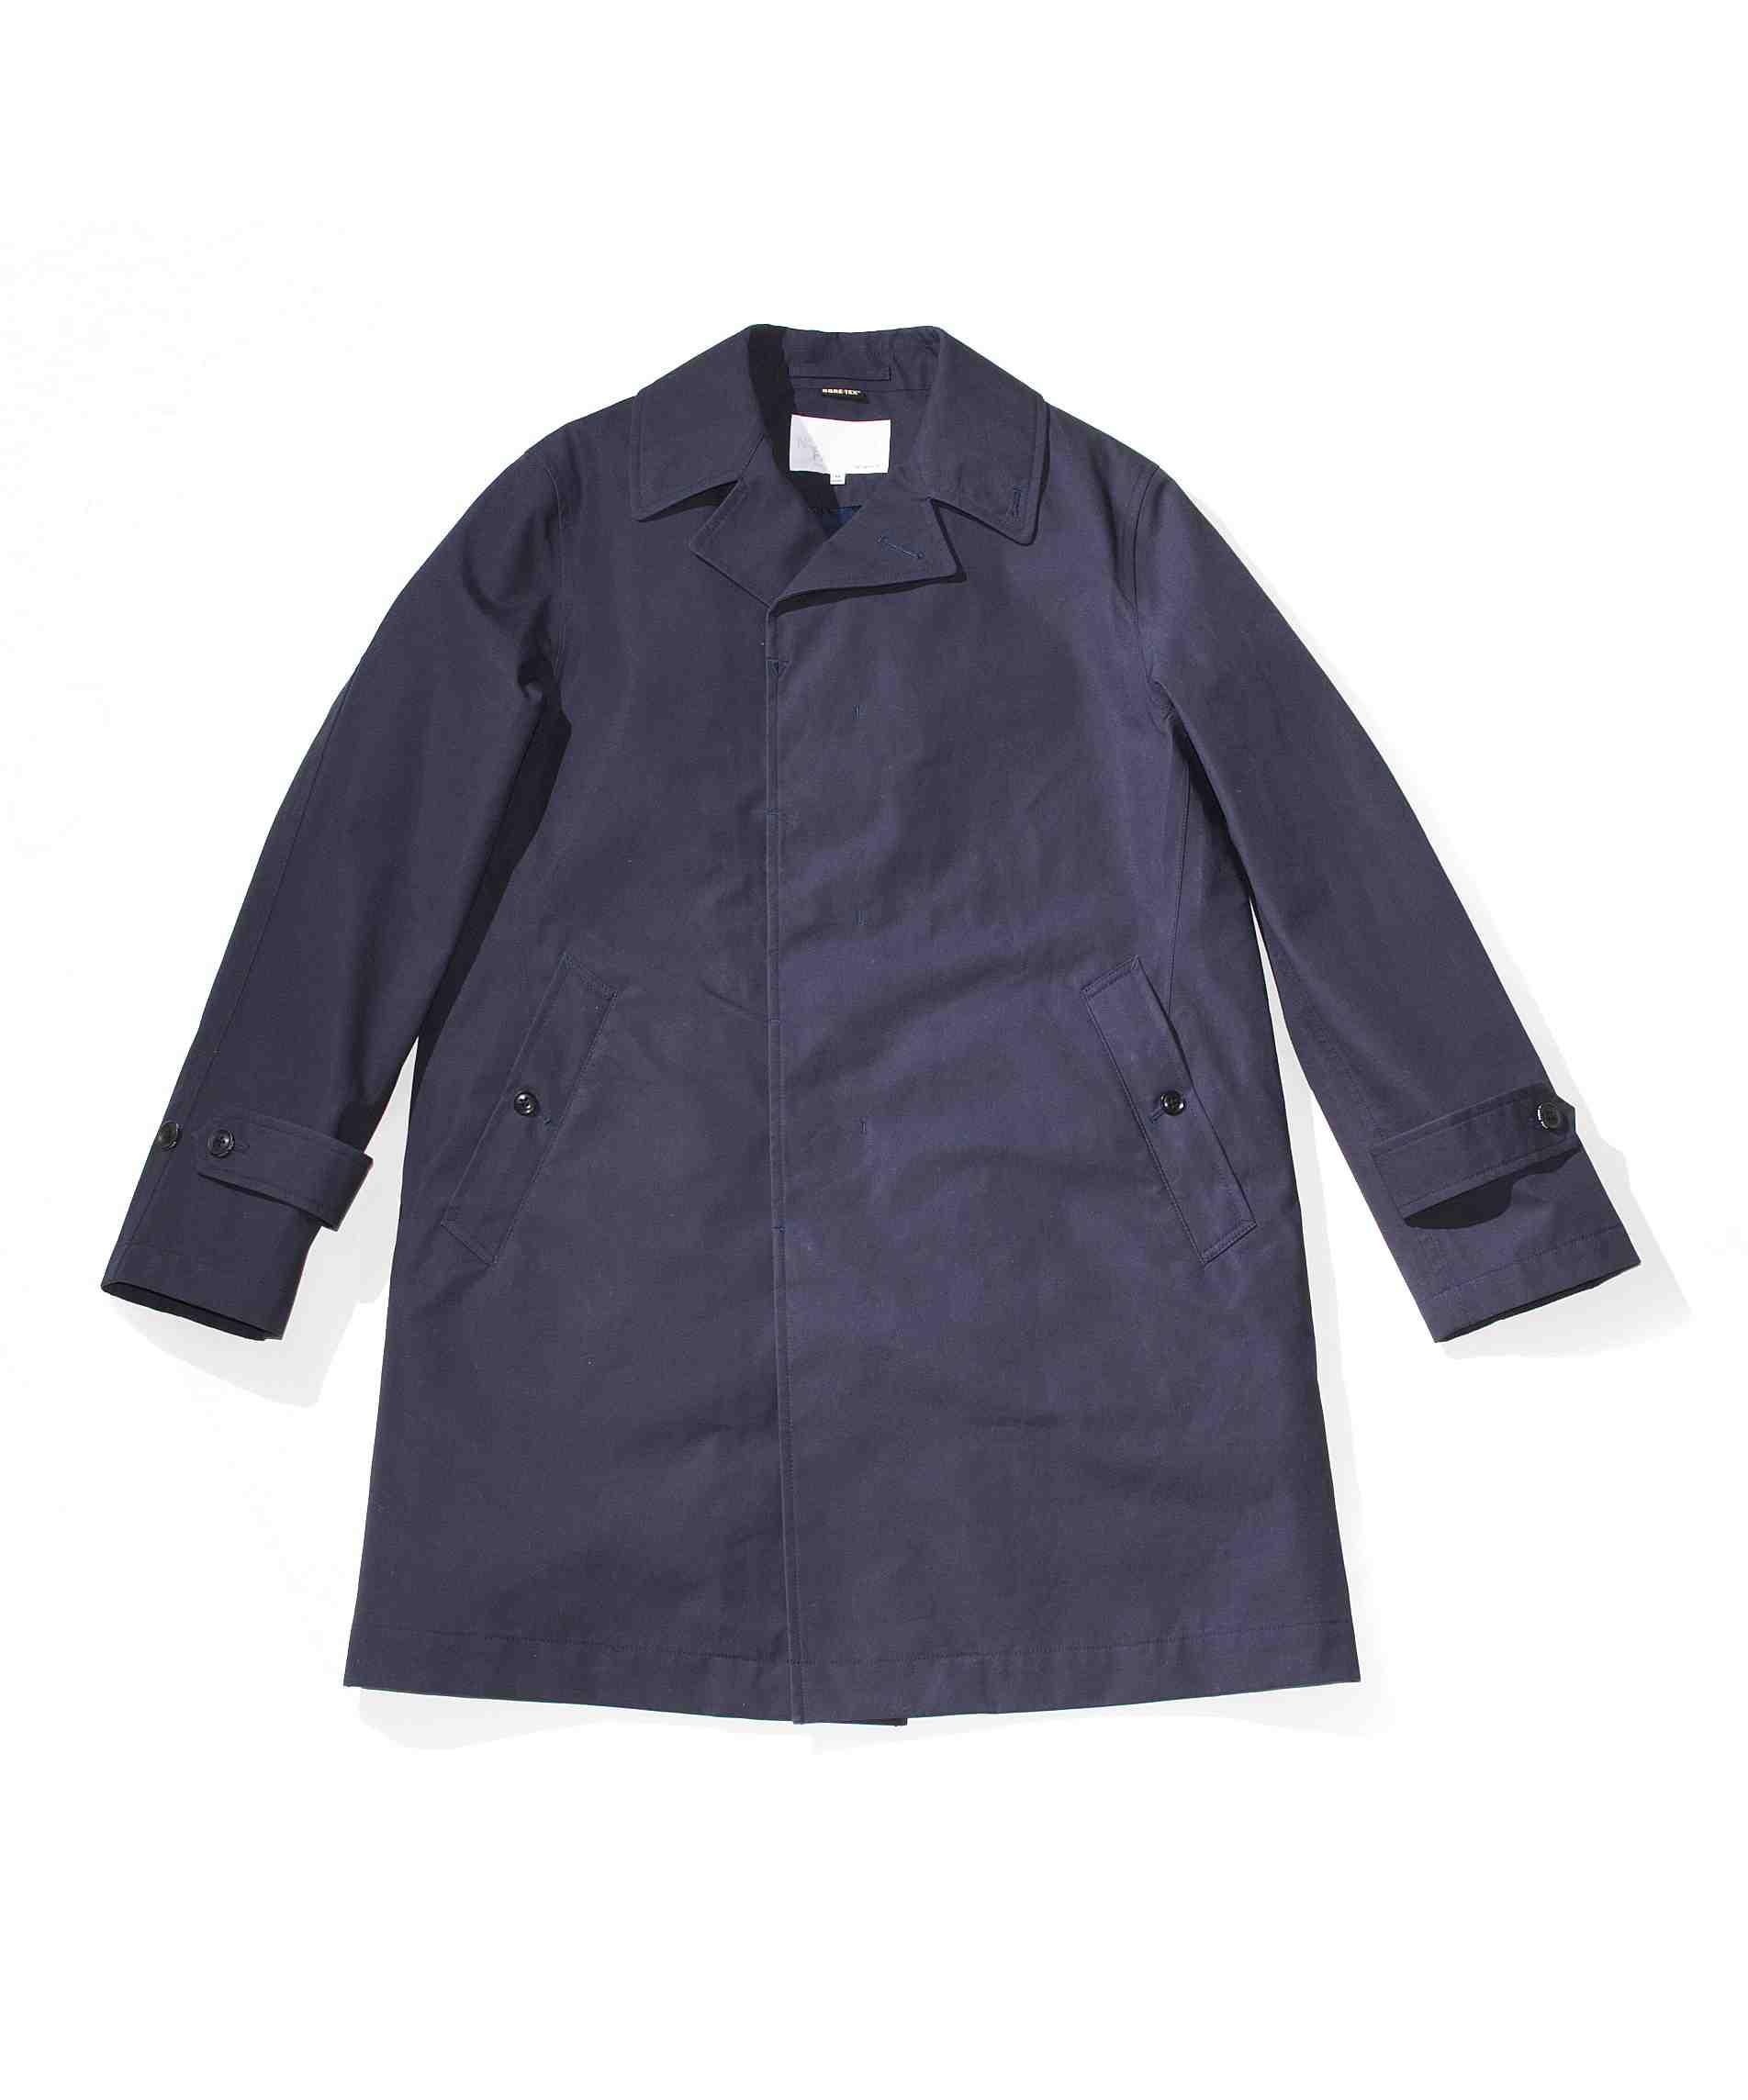 coat navy2-1